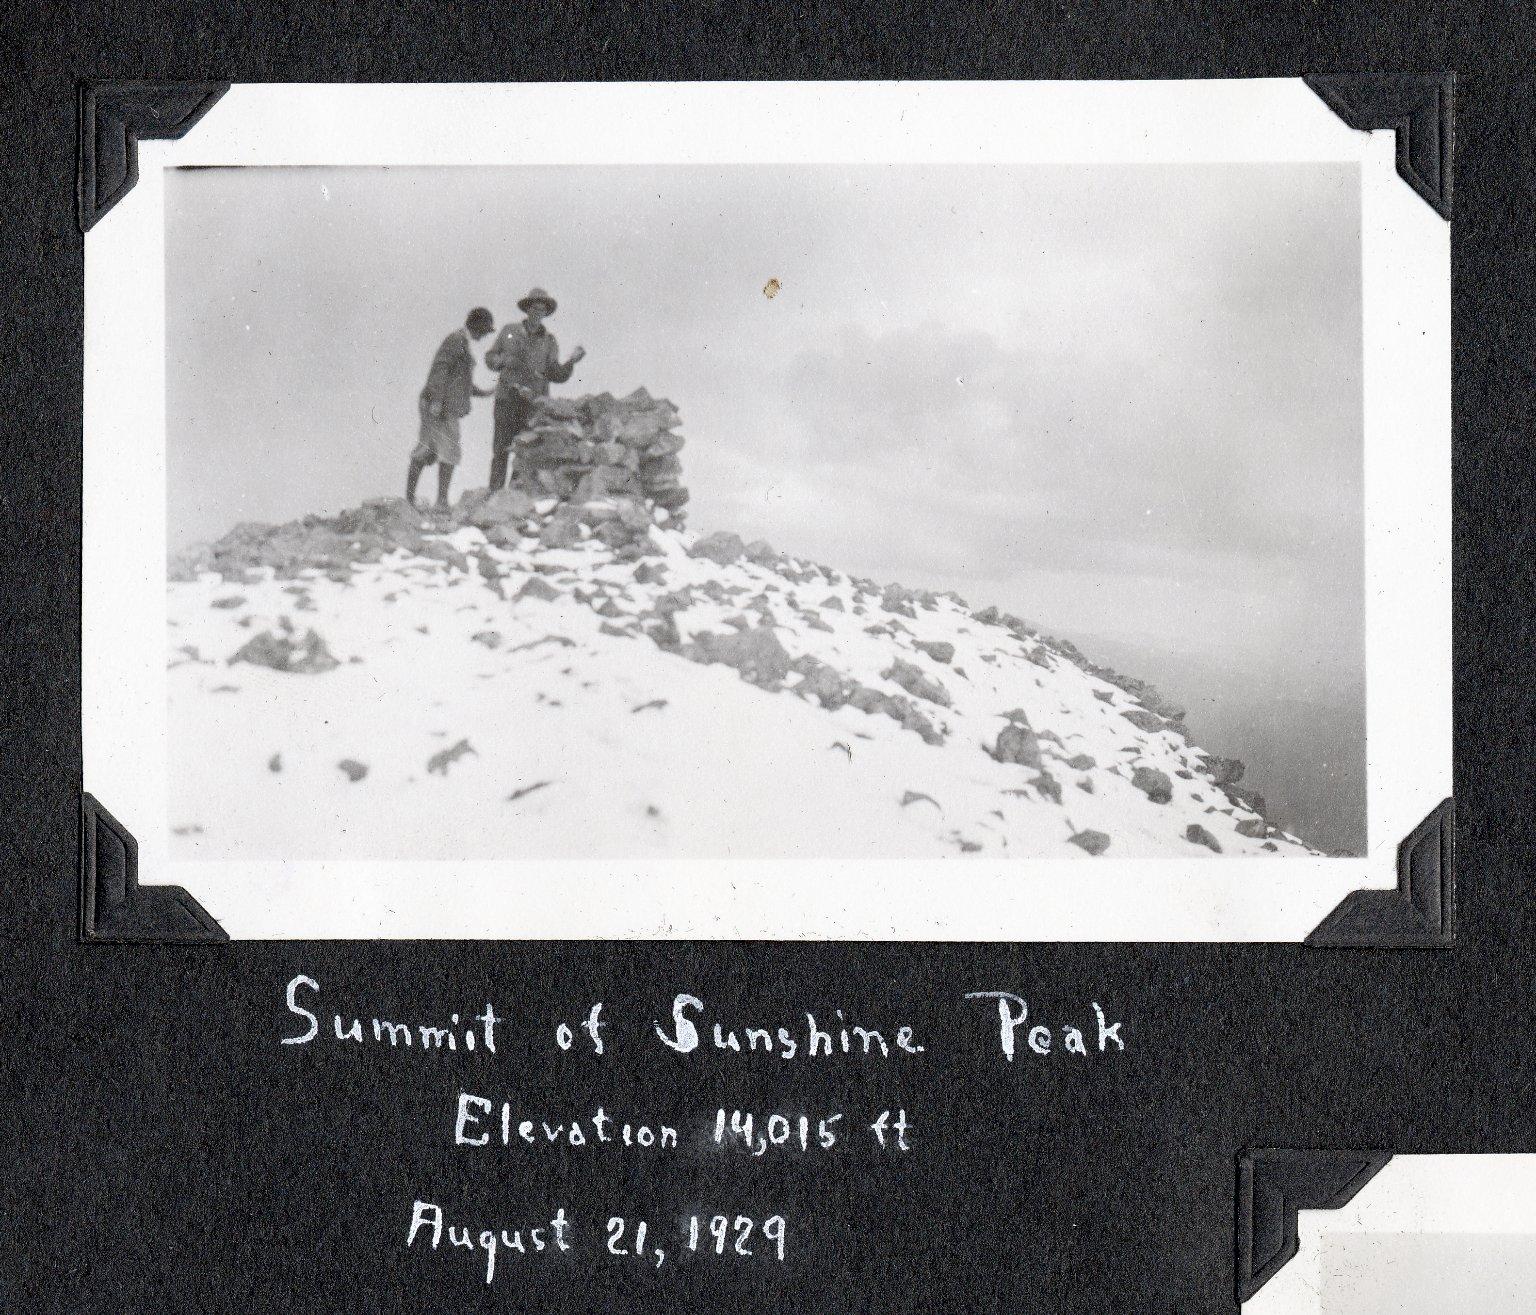 Summit of Sunshine Peak